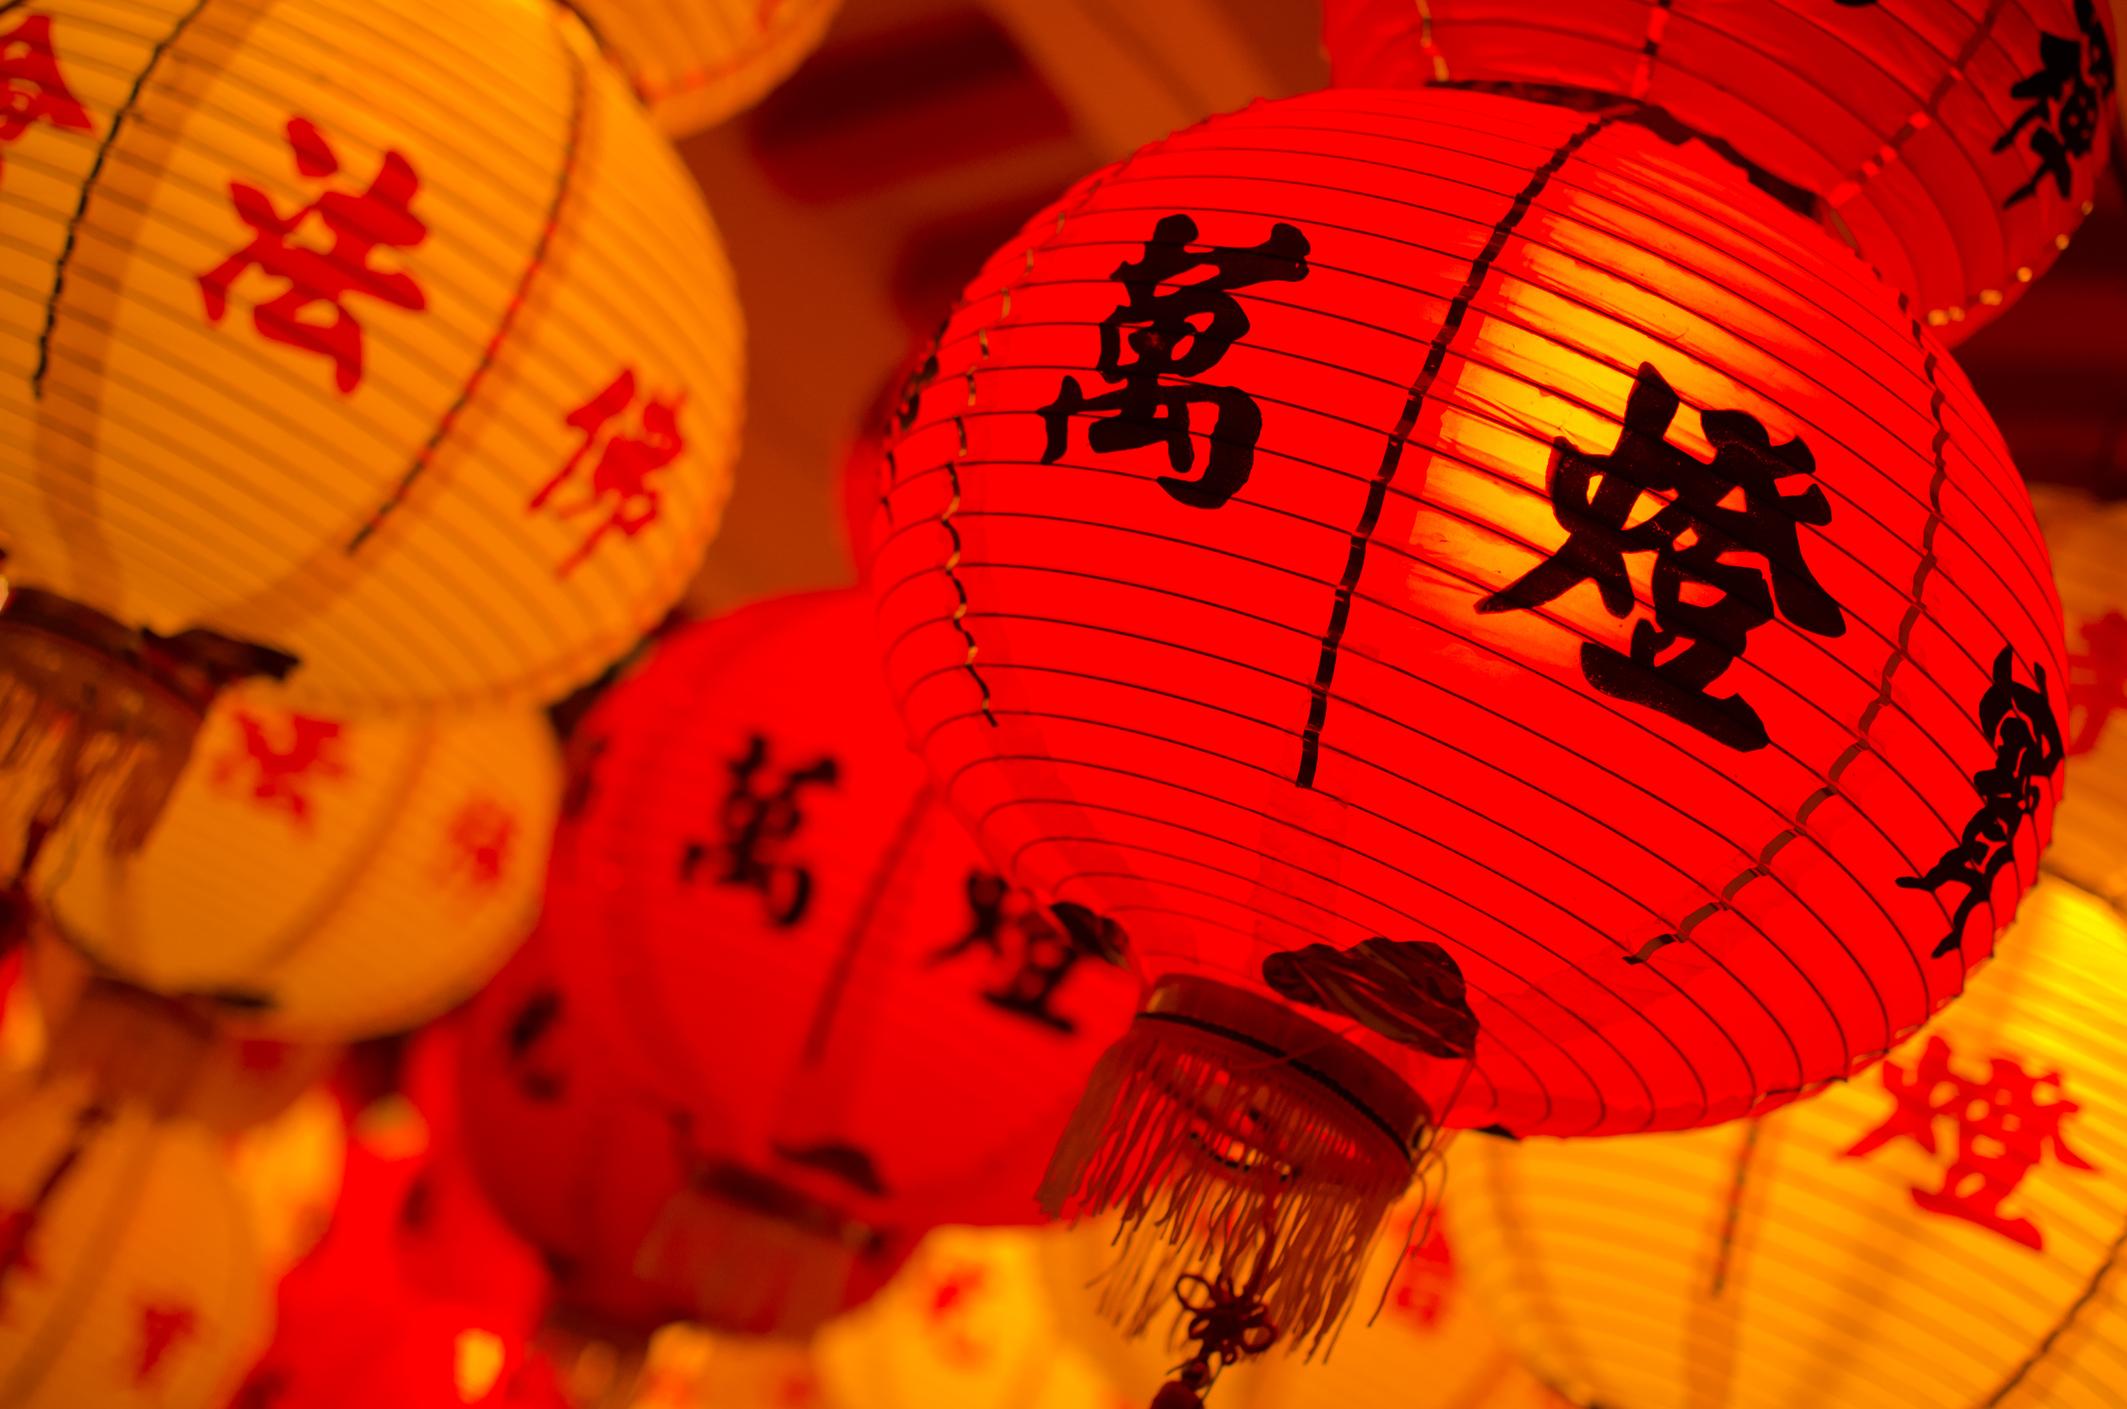 Guia para visitar a China durante o Novo Ano Chinês